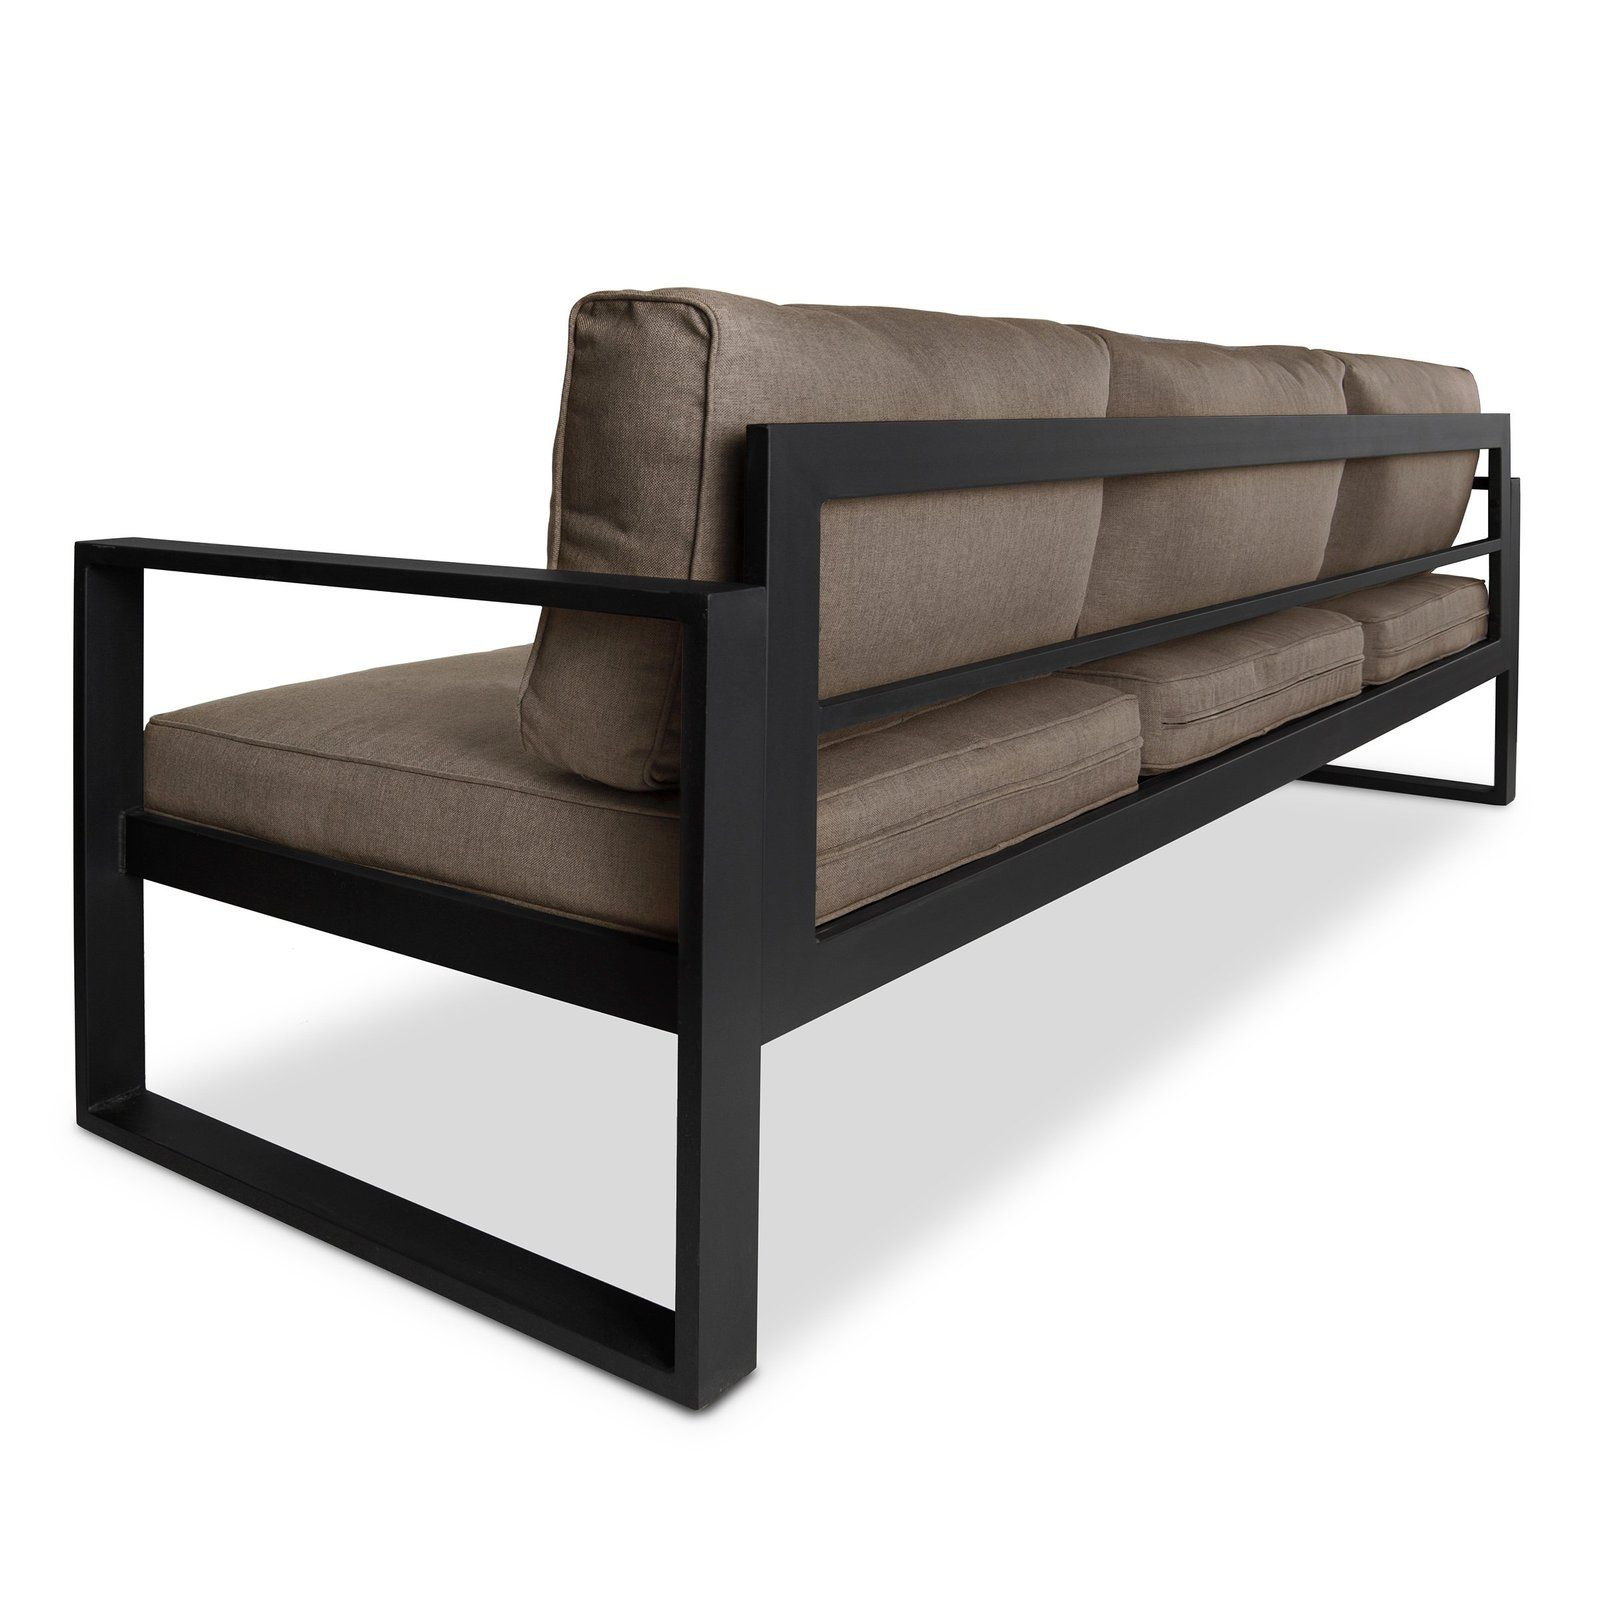 Real Flame Baltic Outdoor Sofa Cushions On Sofa Sofa Furniture Patio Sofa